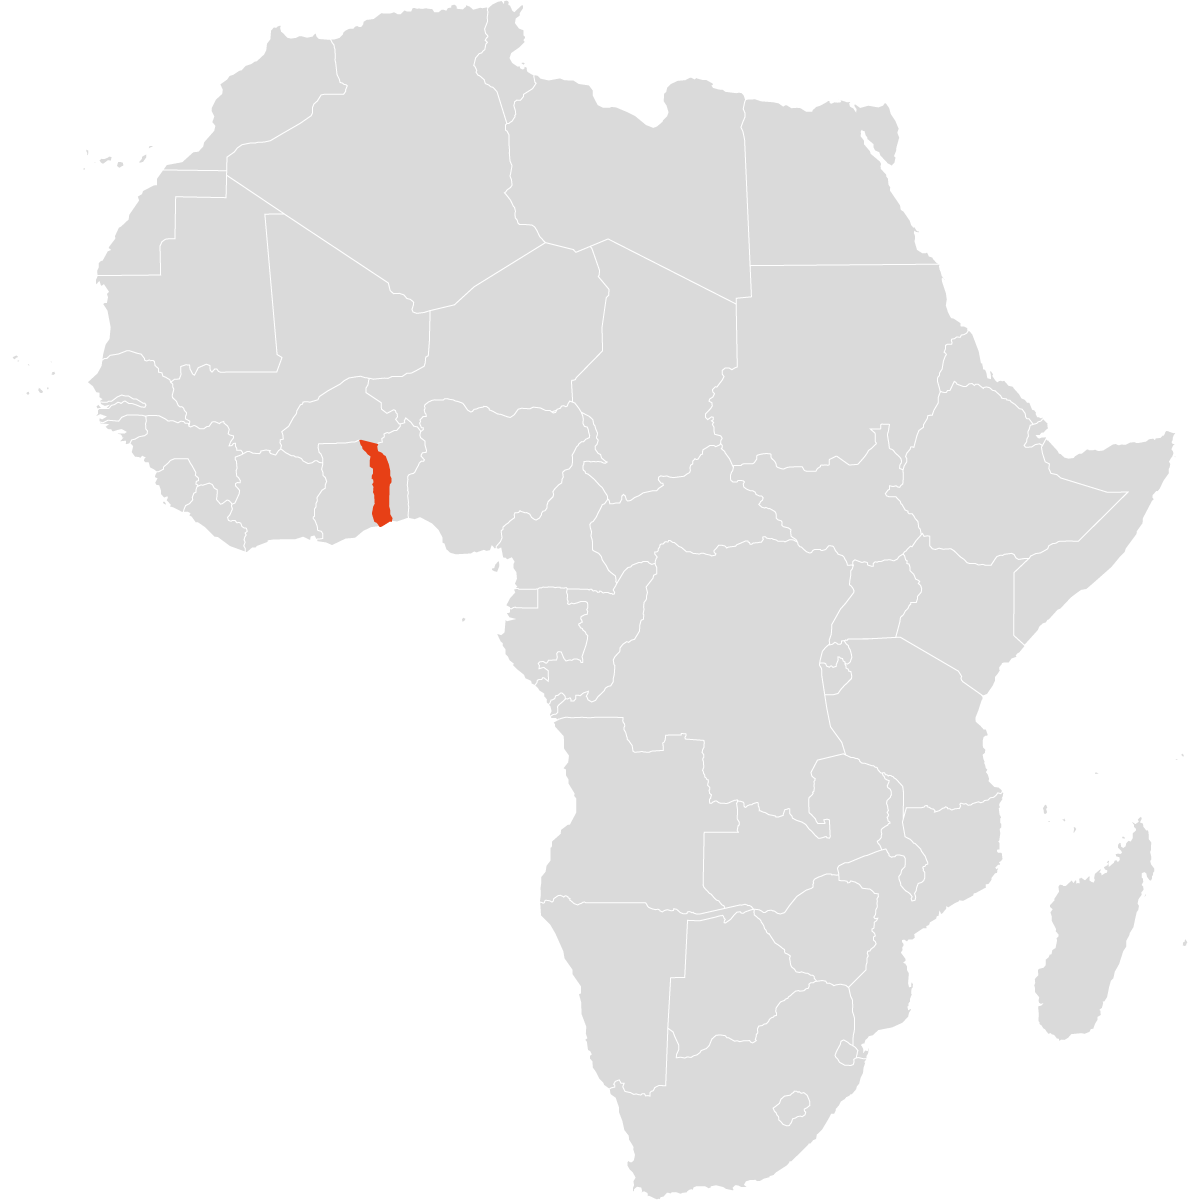 Togo auf dem Afrika-Kontinent